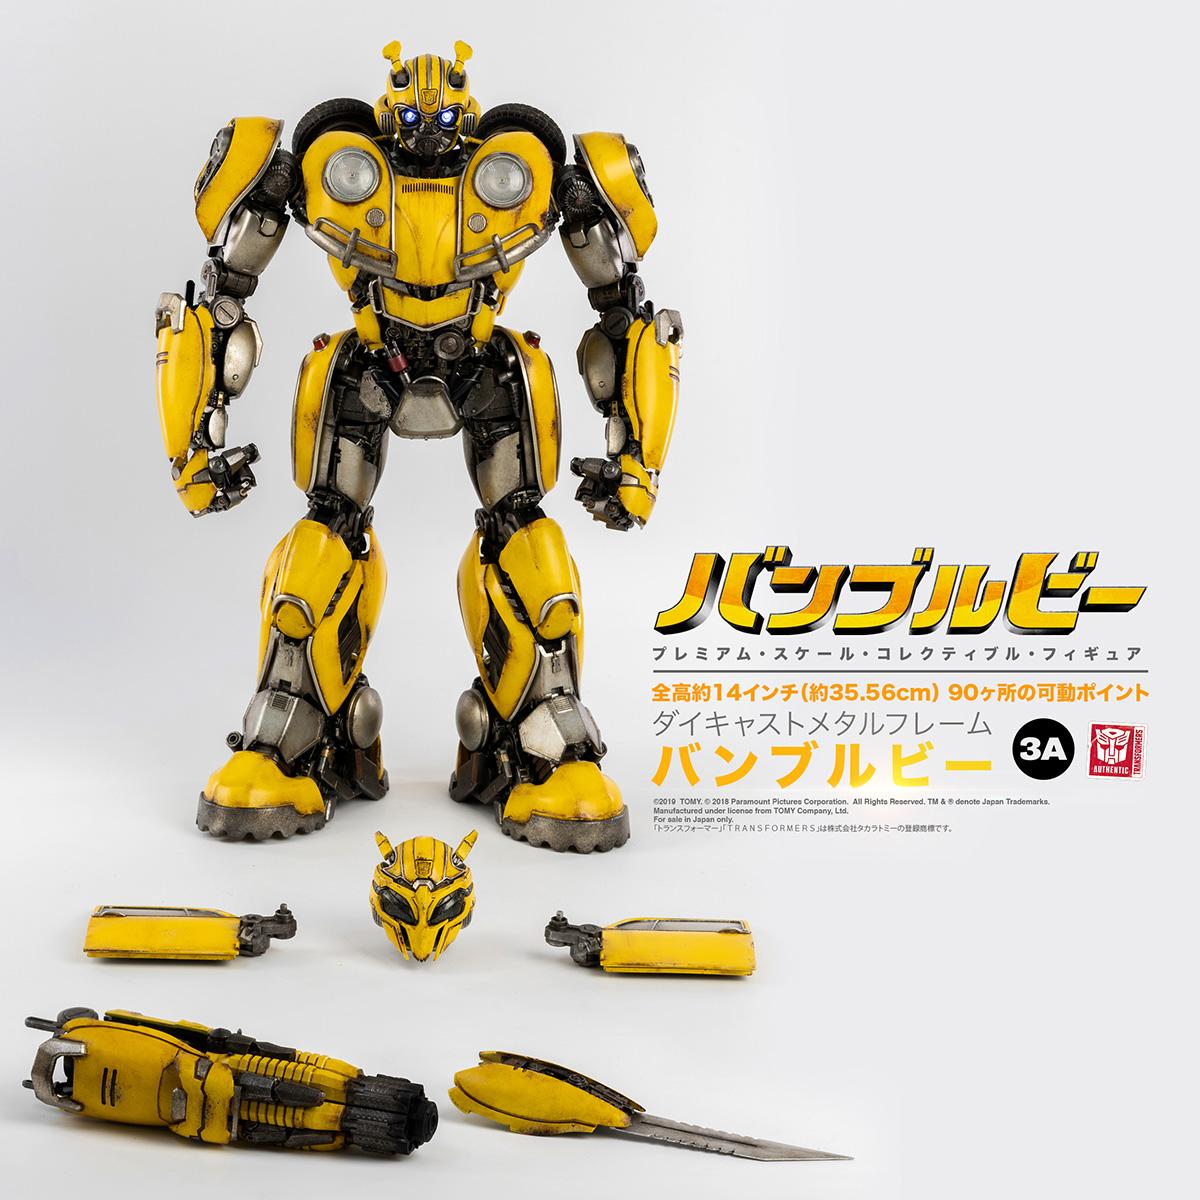 w_Bumblebee_JAP_PM_09995.jpg